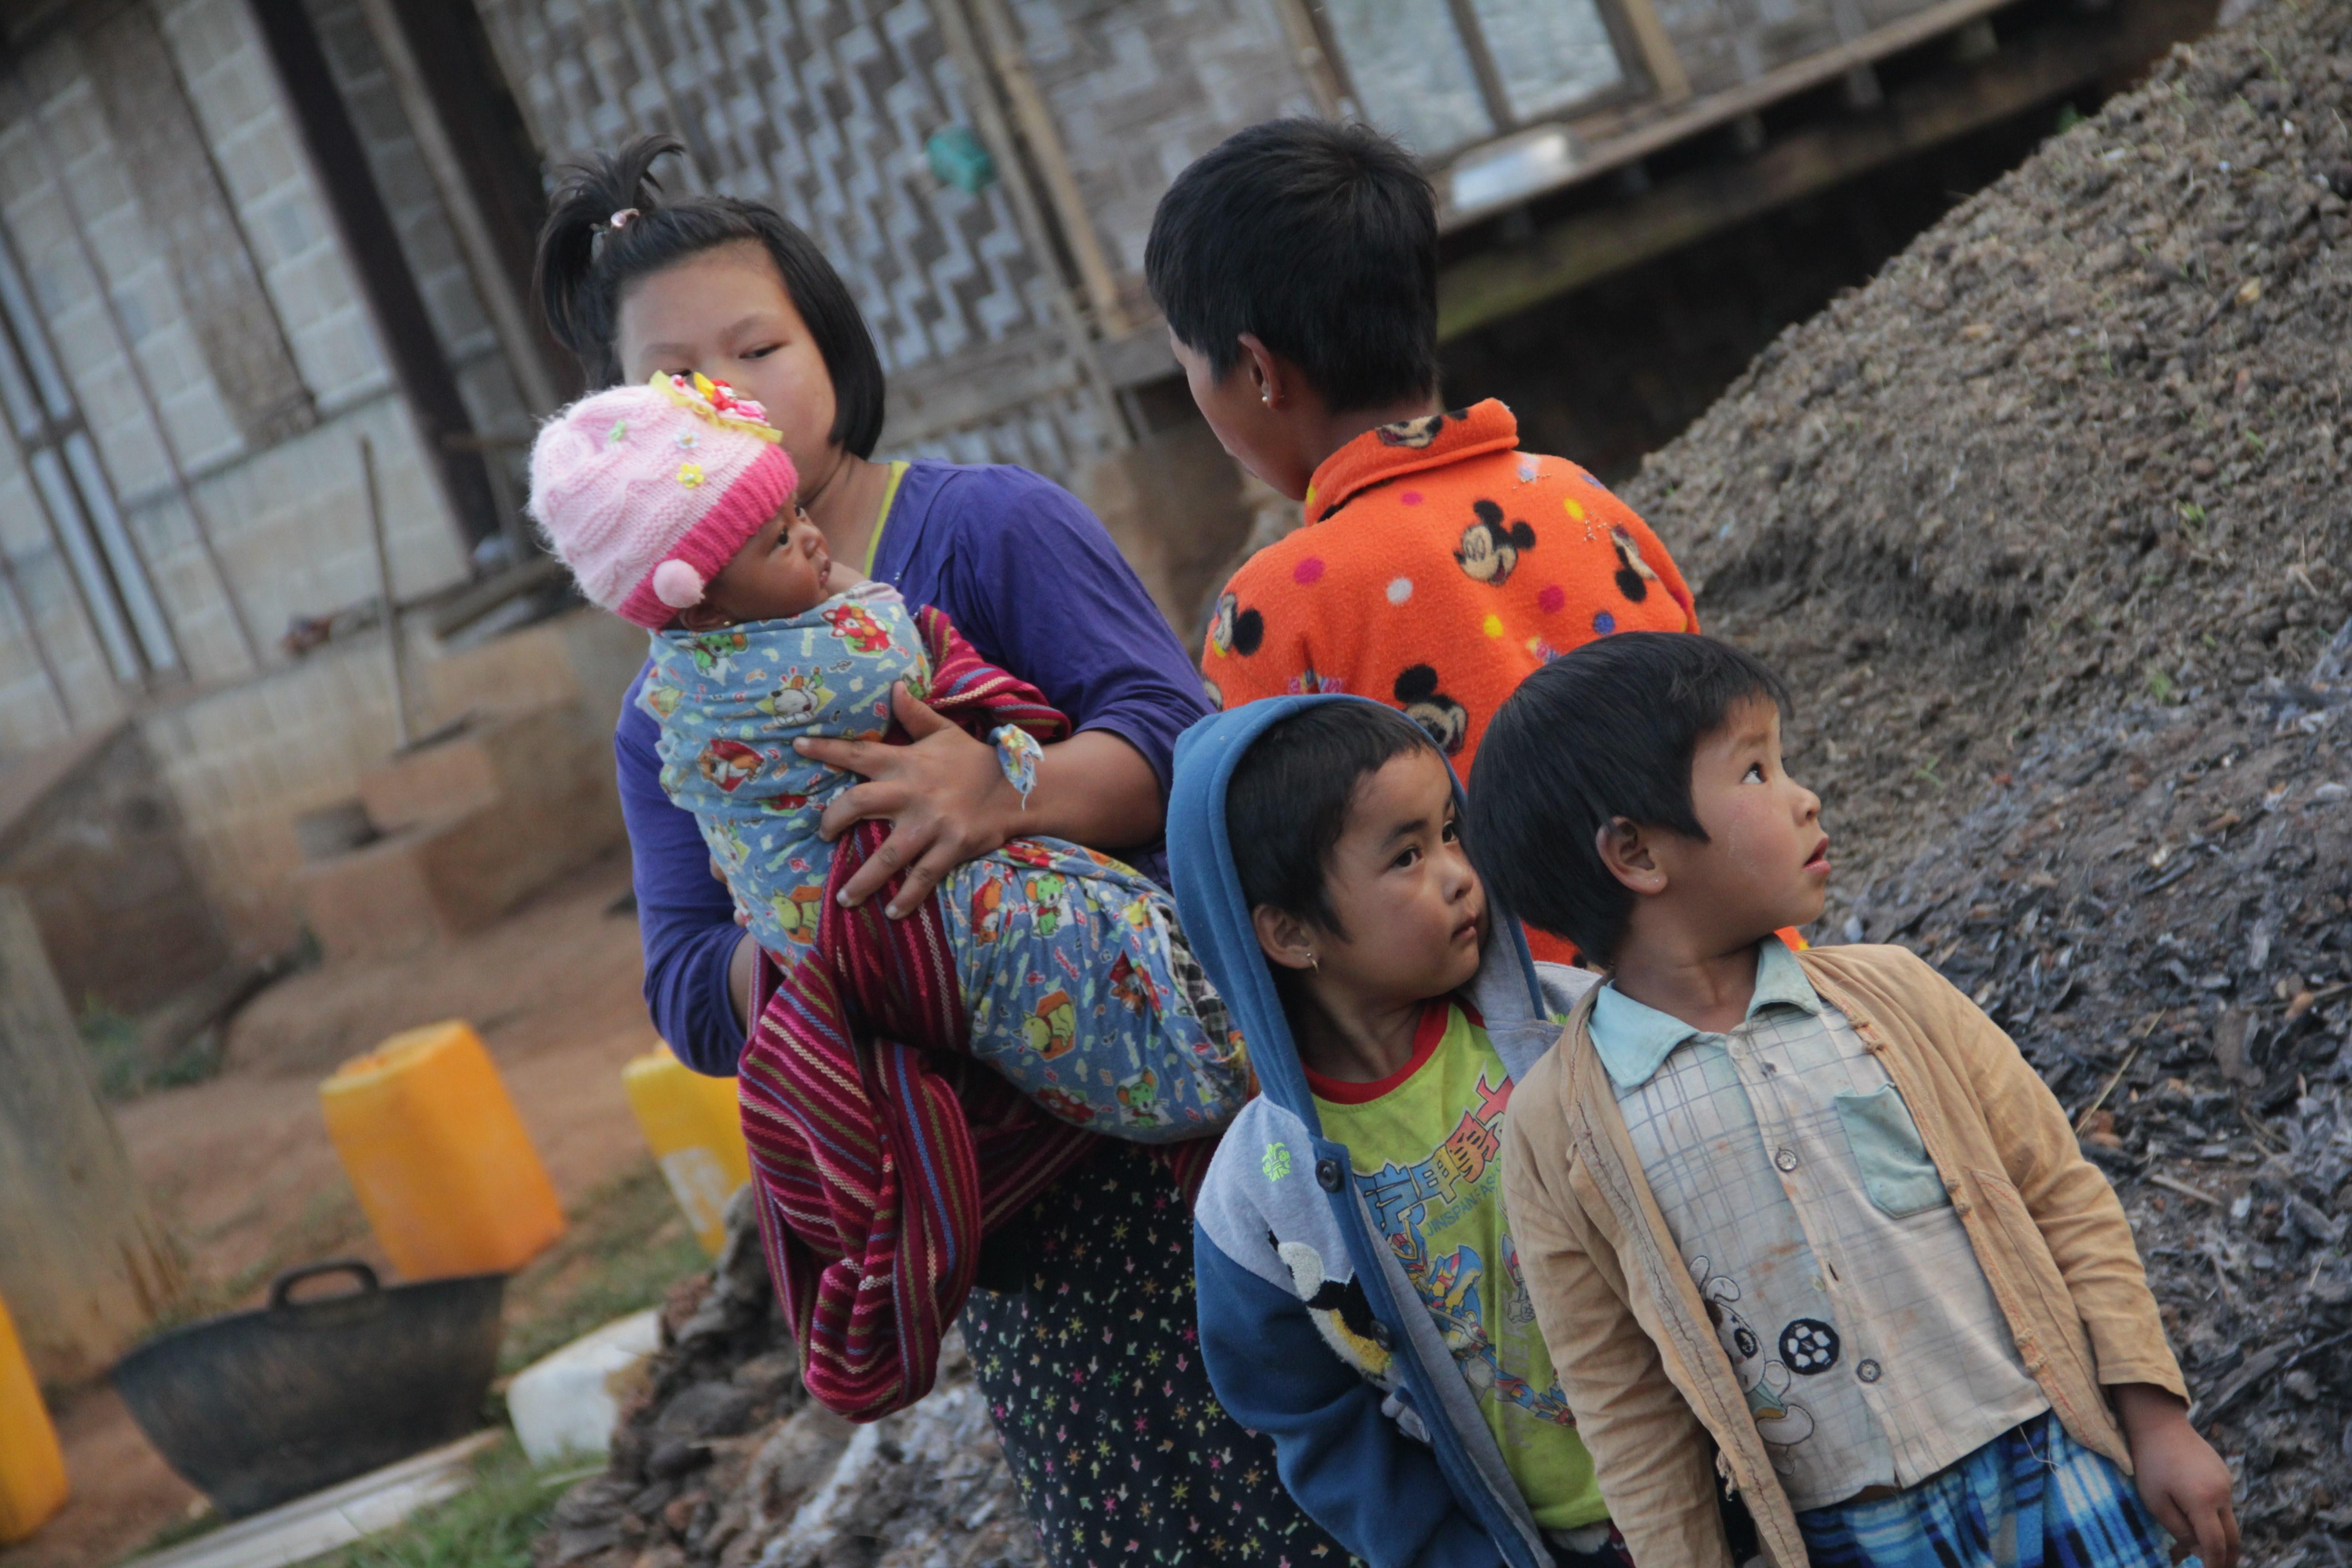 Une famille dans les rues de Kyautsu (© Jérôme Decoster).